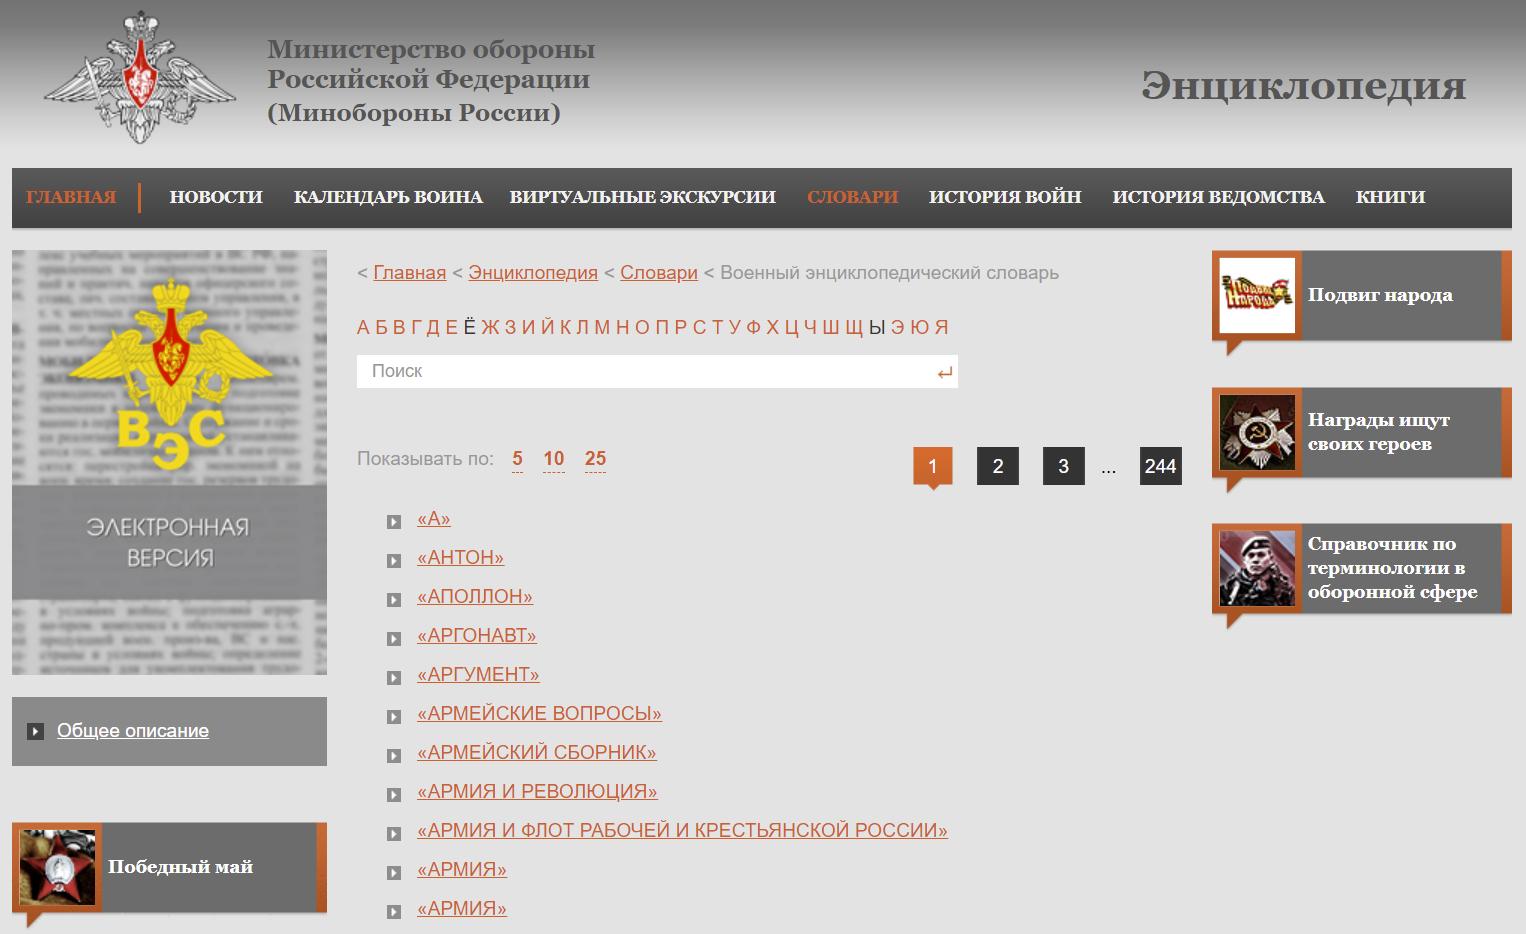 10 заслуживающих внимания разделов на сайте Минобороны России